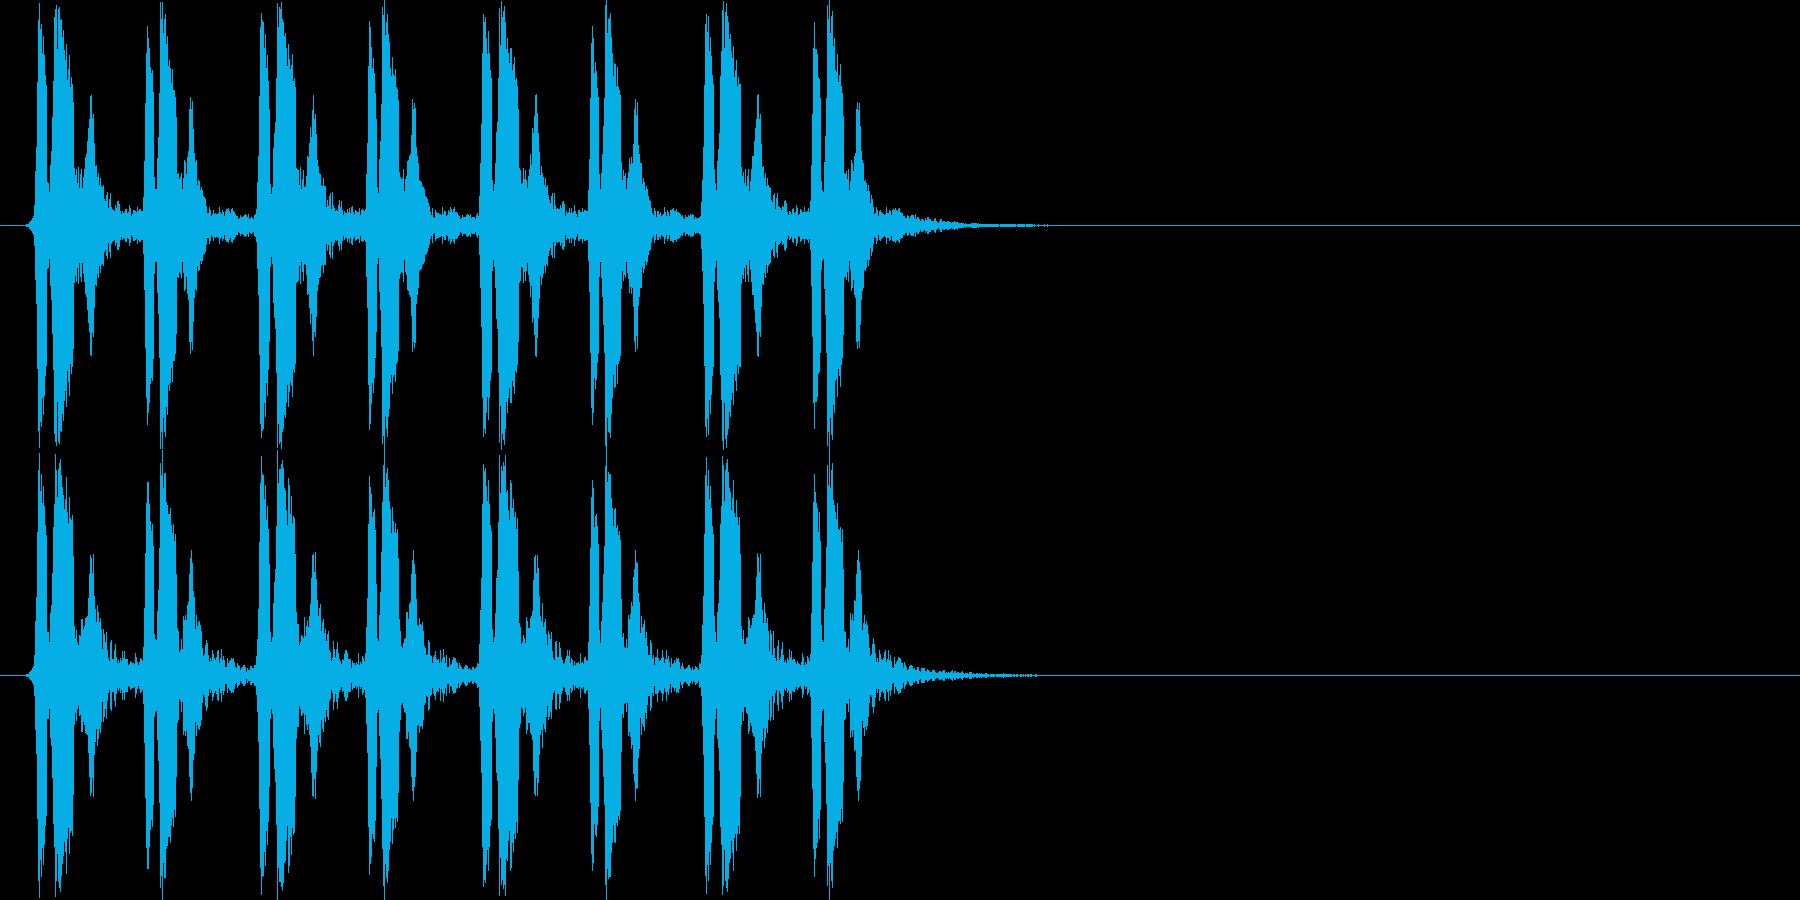 ぴよぴよぴよぴよ(混乱状態、遅め)の再生済みの波形